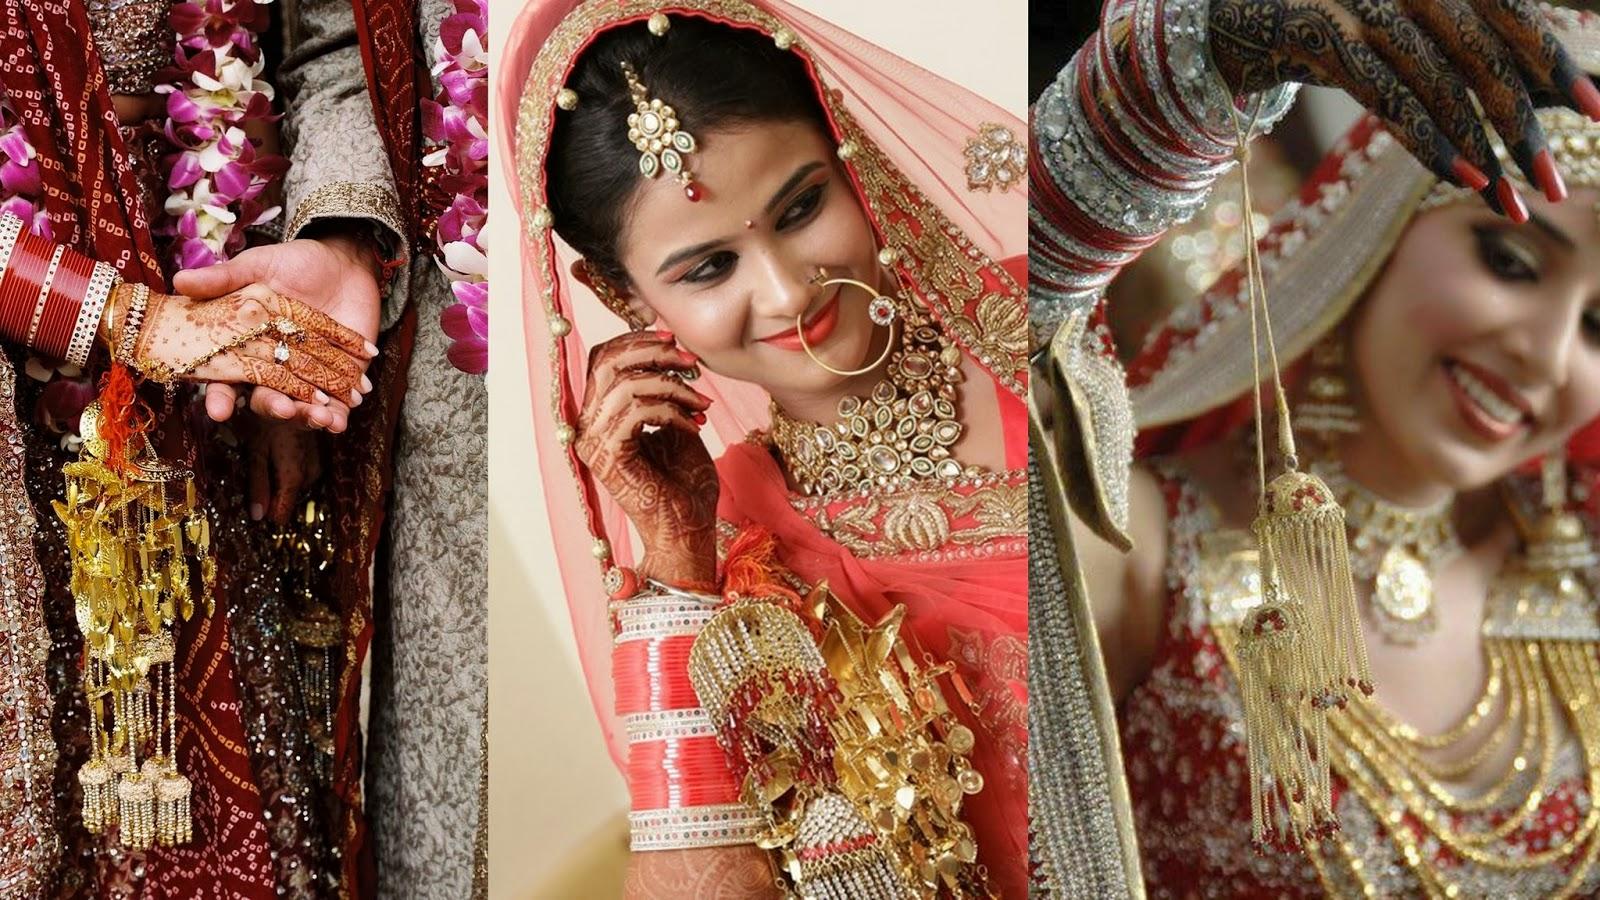 Stunning Kaleere or Hanging String in bride's hands